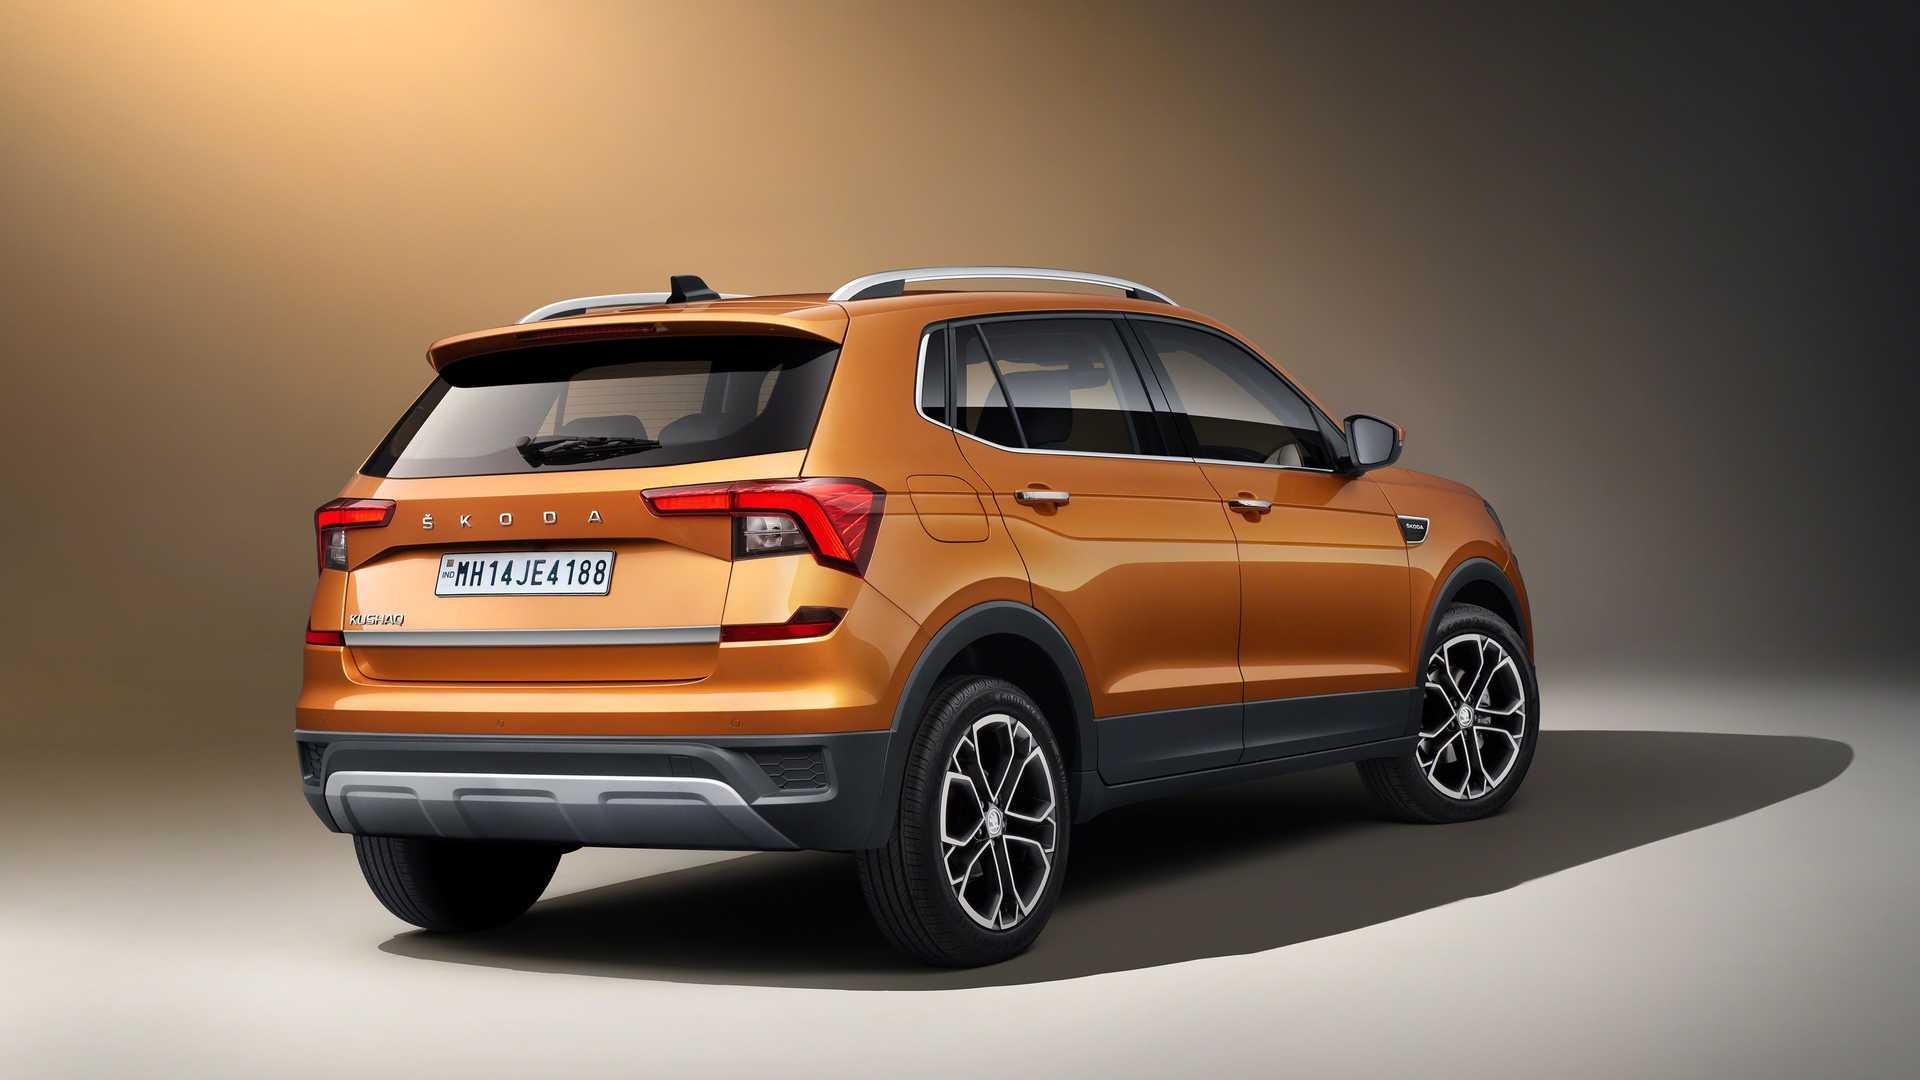 2021-skoda-kushaq-exterior-rear